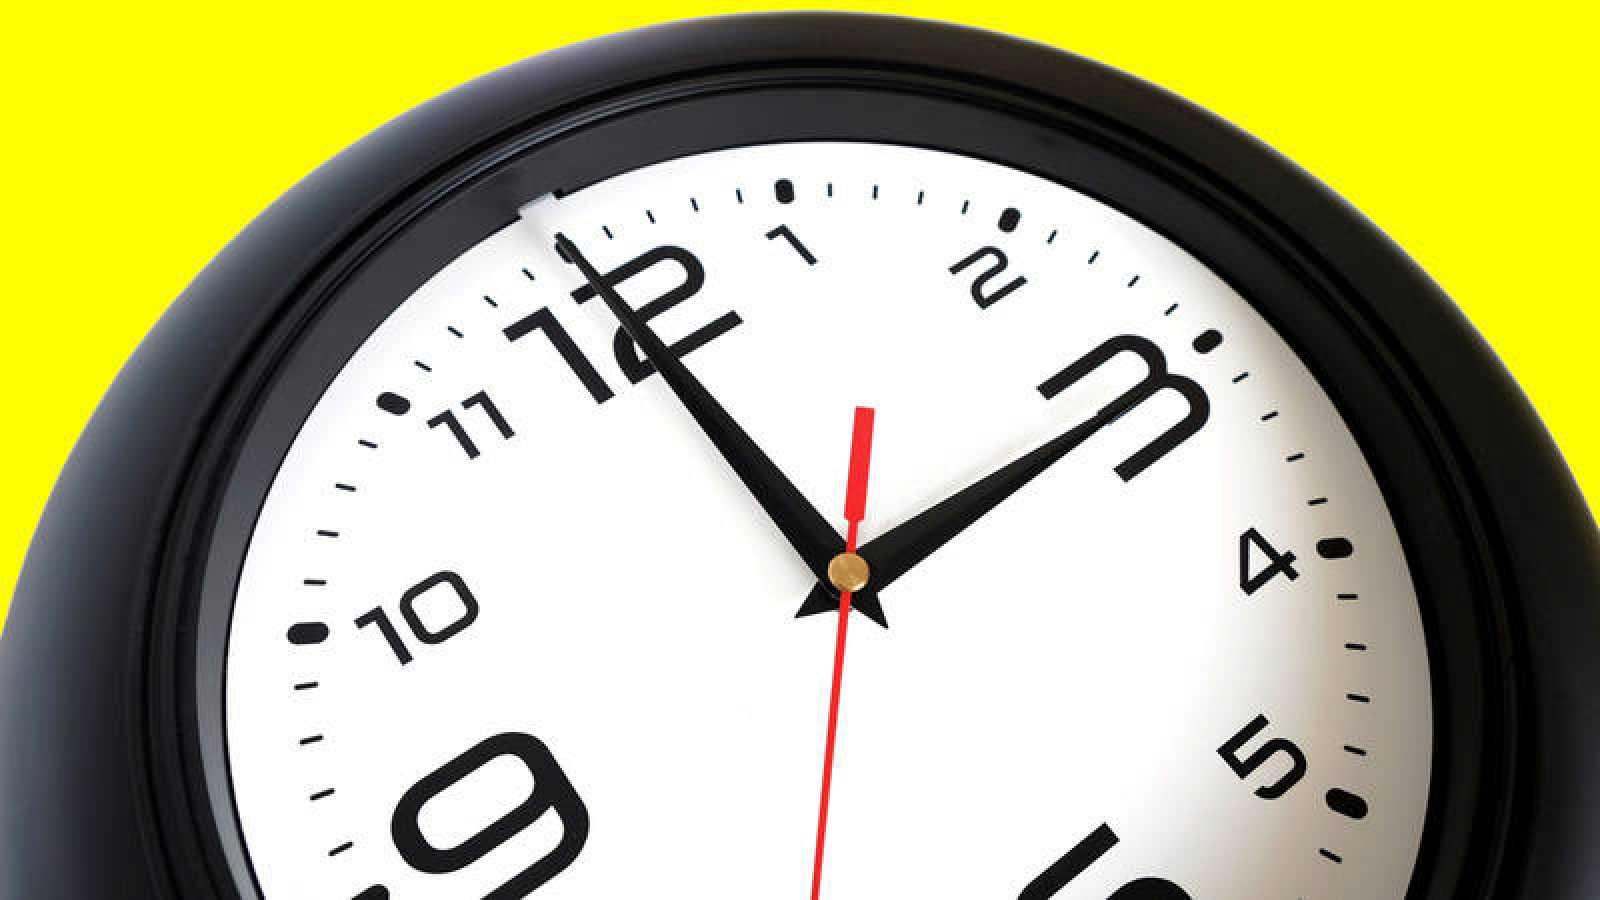 A las 02:00 horas de la madrugada, pasarán a ser las 03:00 horas.